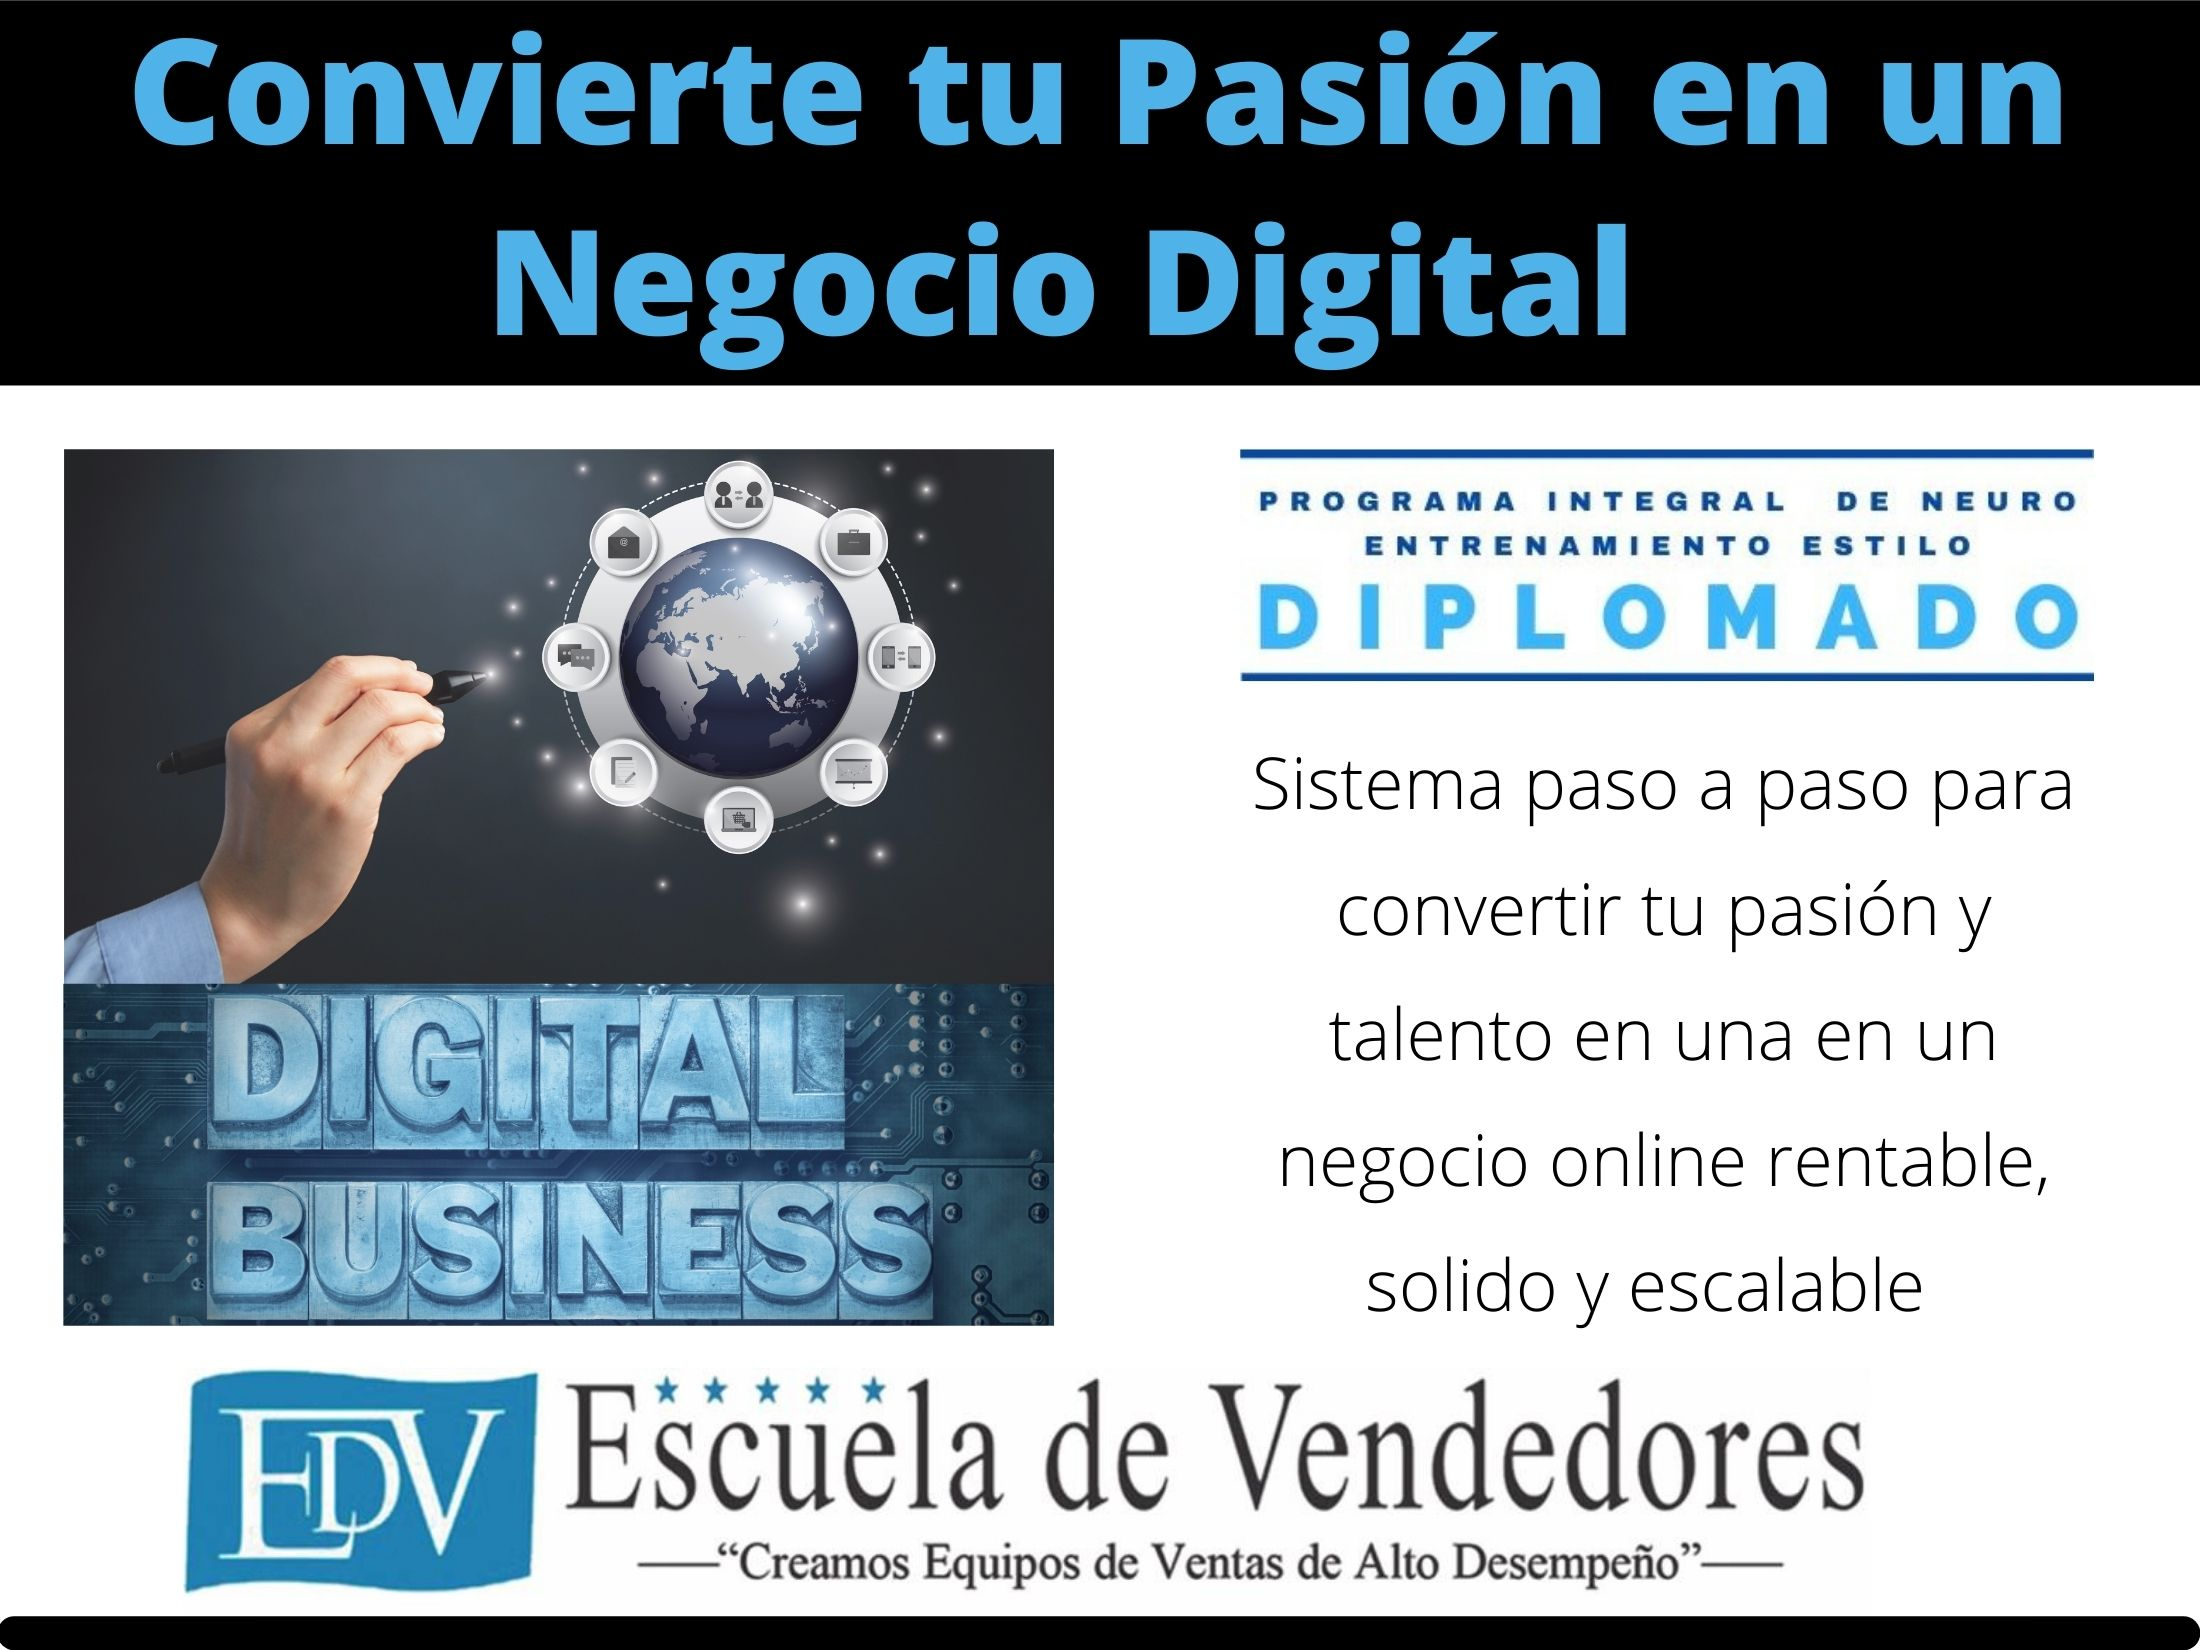 Convierte tu pasión en un negocio digital